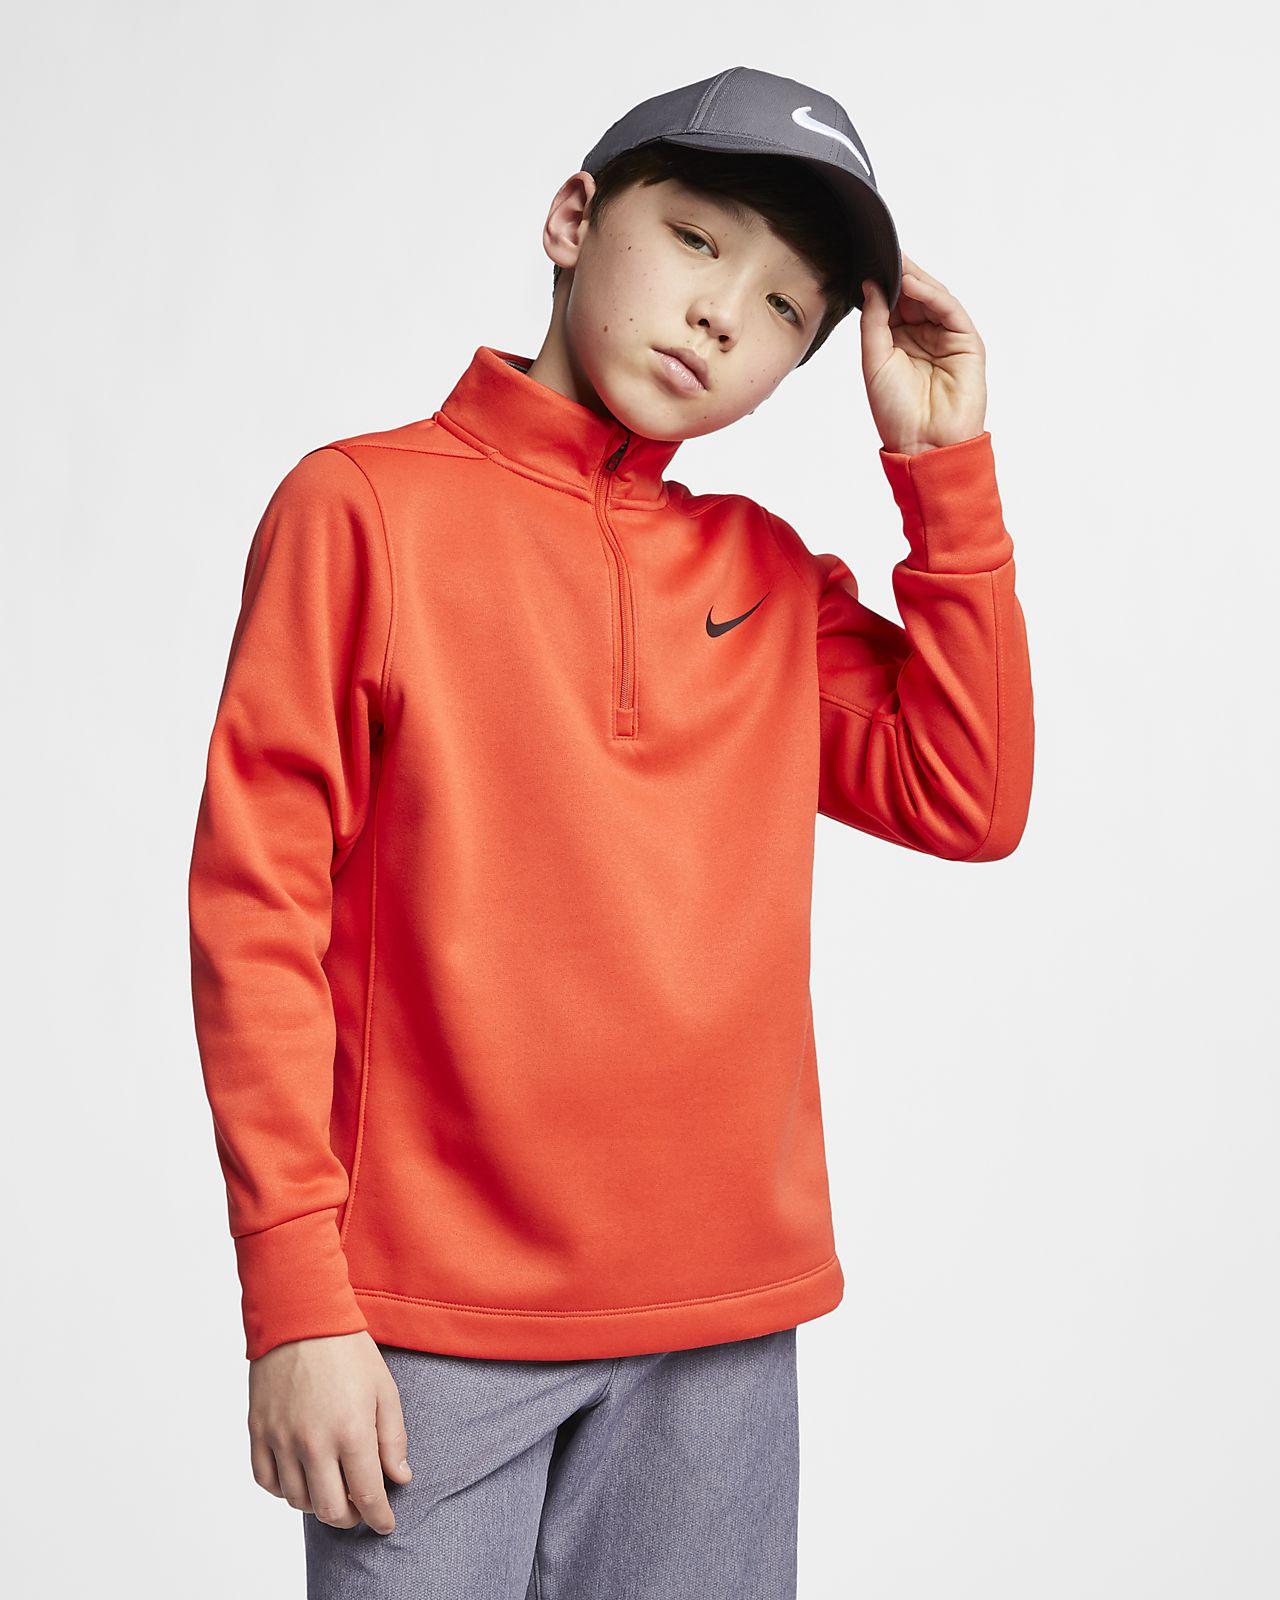 Футболка для гольфа с молнией на половину длины для мальчиков школьного возраста Nike Dri-FIT Therma